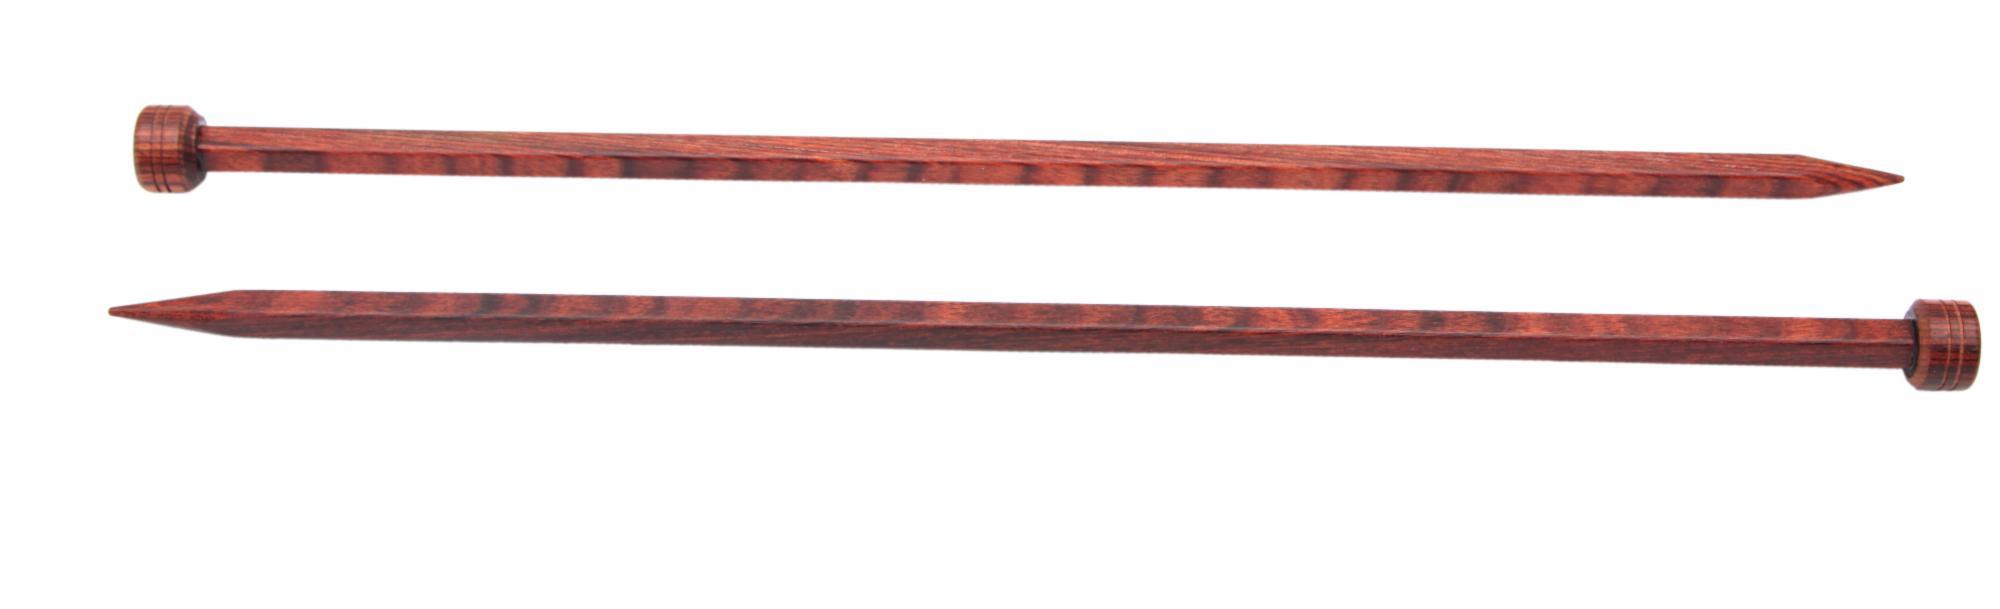 Спицы прямые 30 см Cubics Symfonie-Rose KnitPro, 25249, 5.50 мм